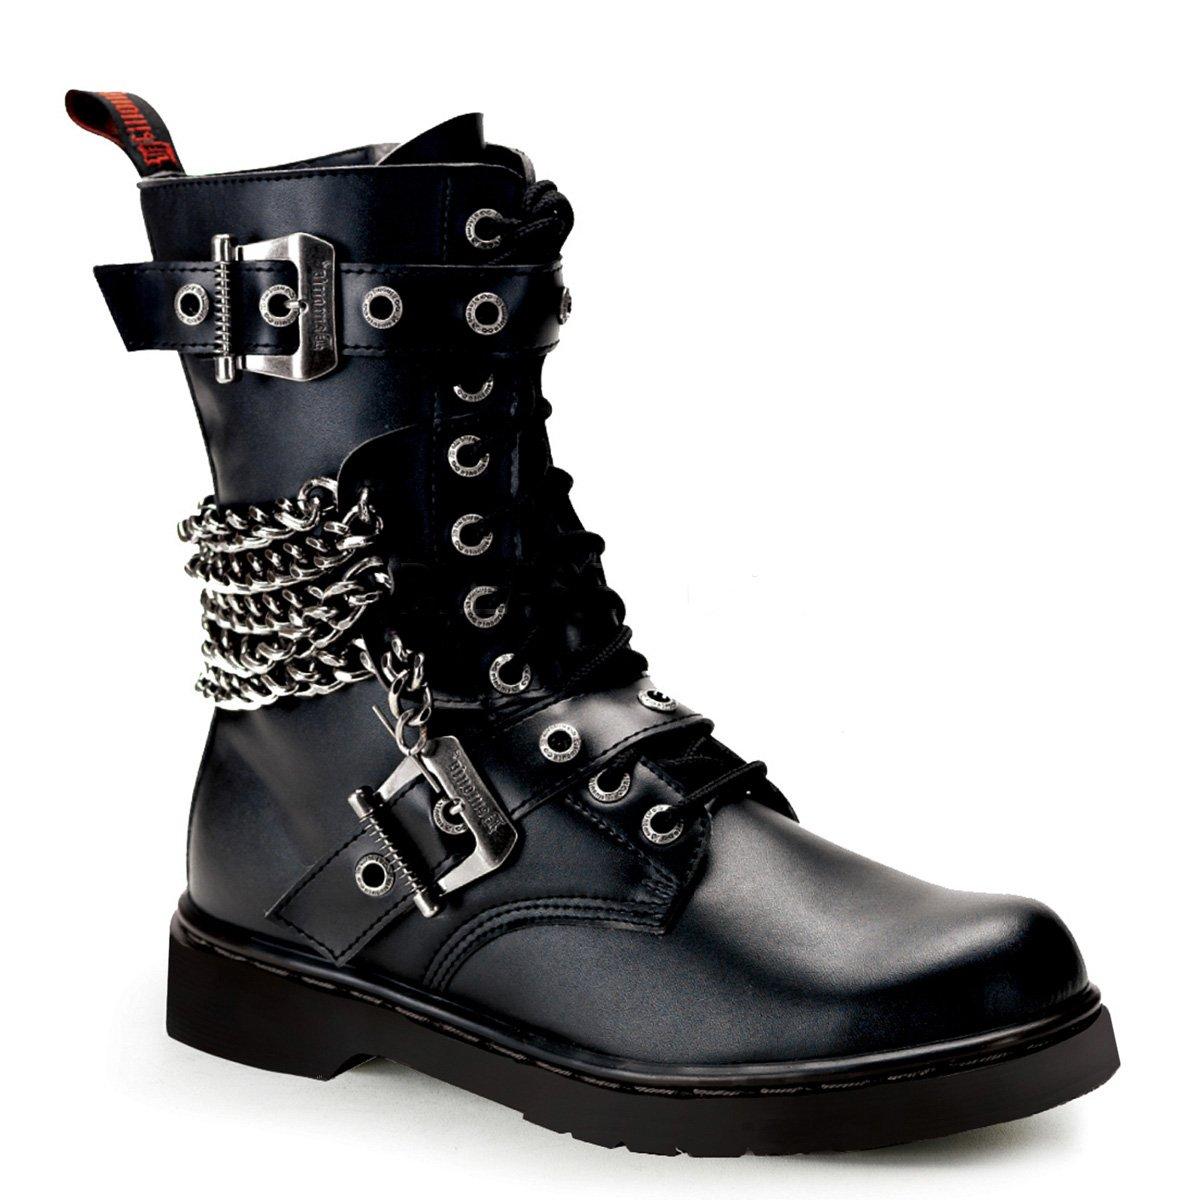 Demonia Veggie Military Punk Stiefel Defiant 204 Mattschwarz